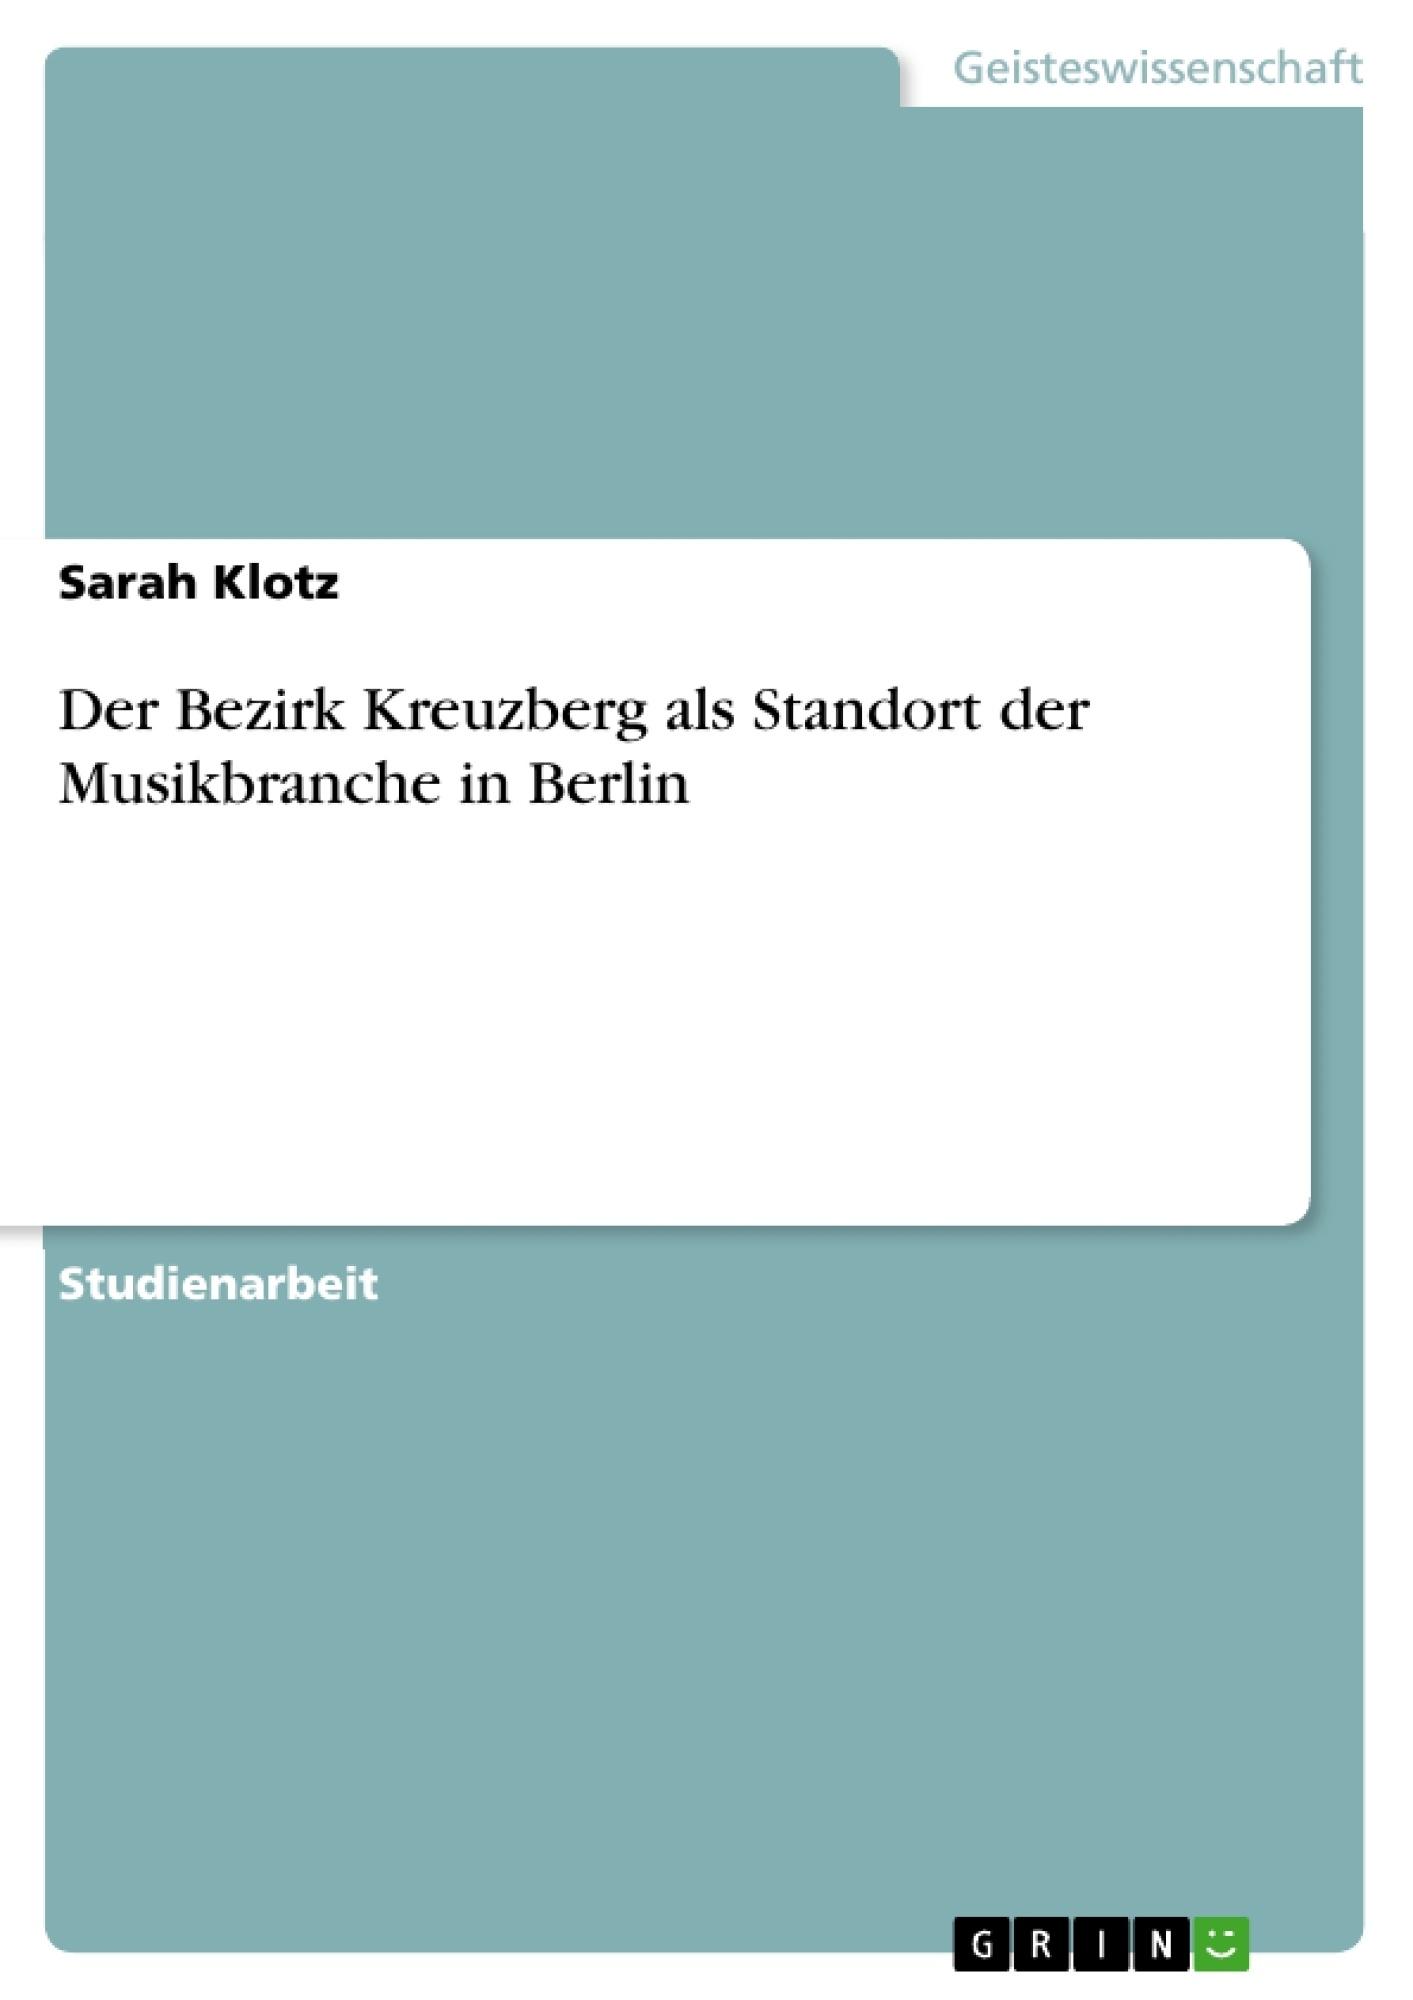 Titel: Der Bezirk Kreuzberg als Standort der Musikbranche in Berlin